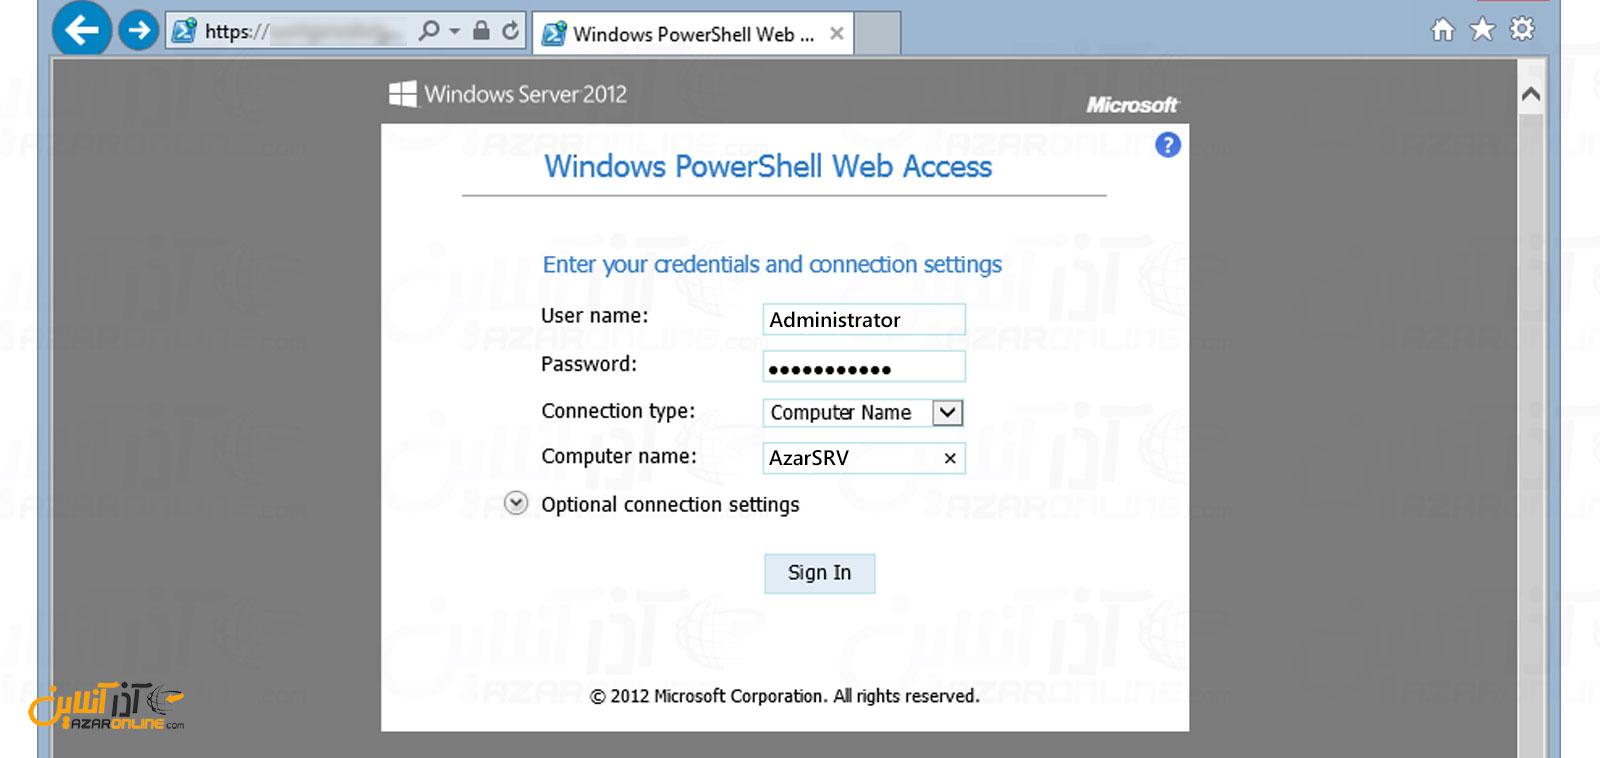 صفحه لاگین به powershell web access